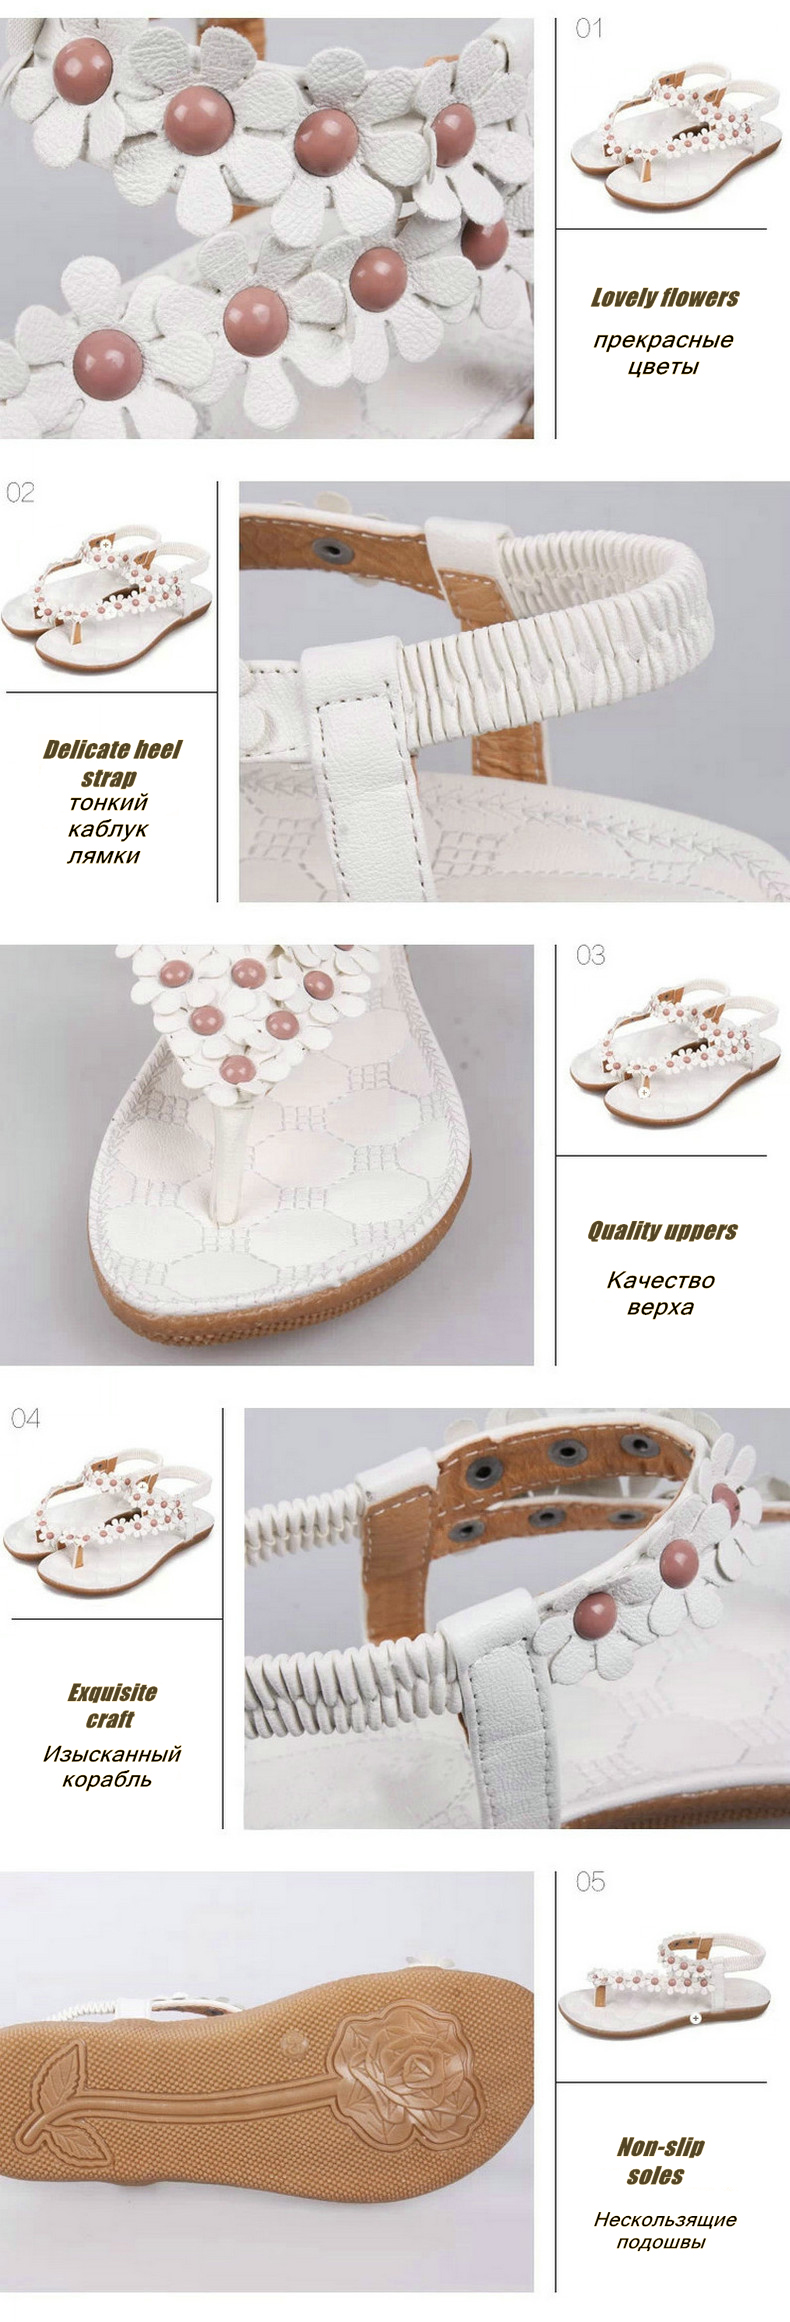 HTB13 COcrorBKNjSZFjq6A SpXaJ Cuculus 2019 Women Sandals Summer Style Bling Bowtie Fashion Peep Toe Jelly Shoes Sandal Flat Shoes Woman 3 Colors 01F669